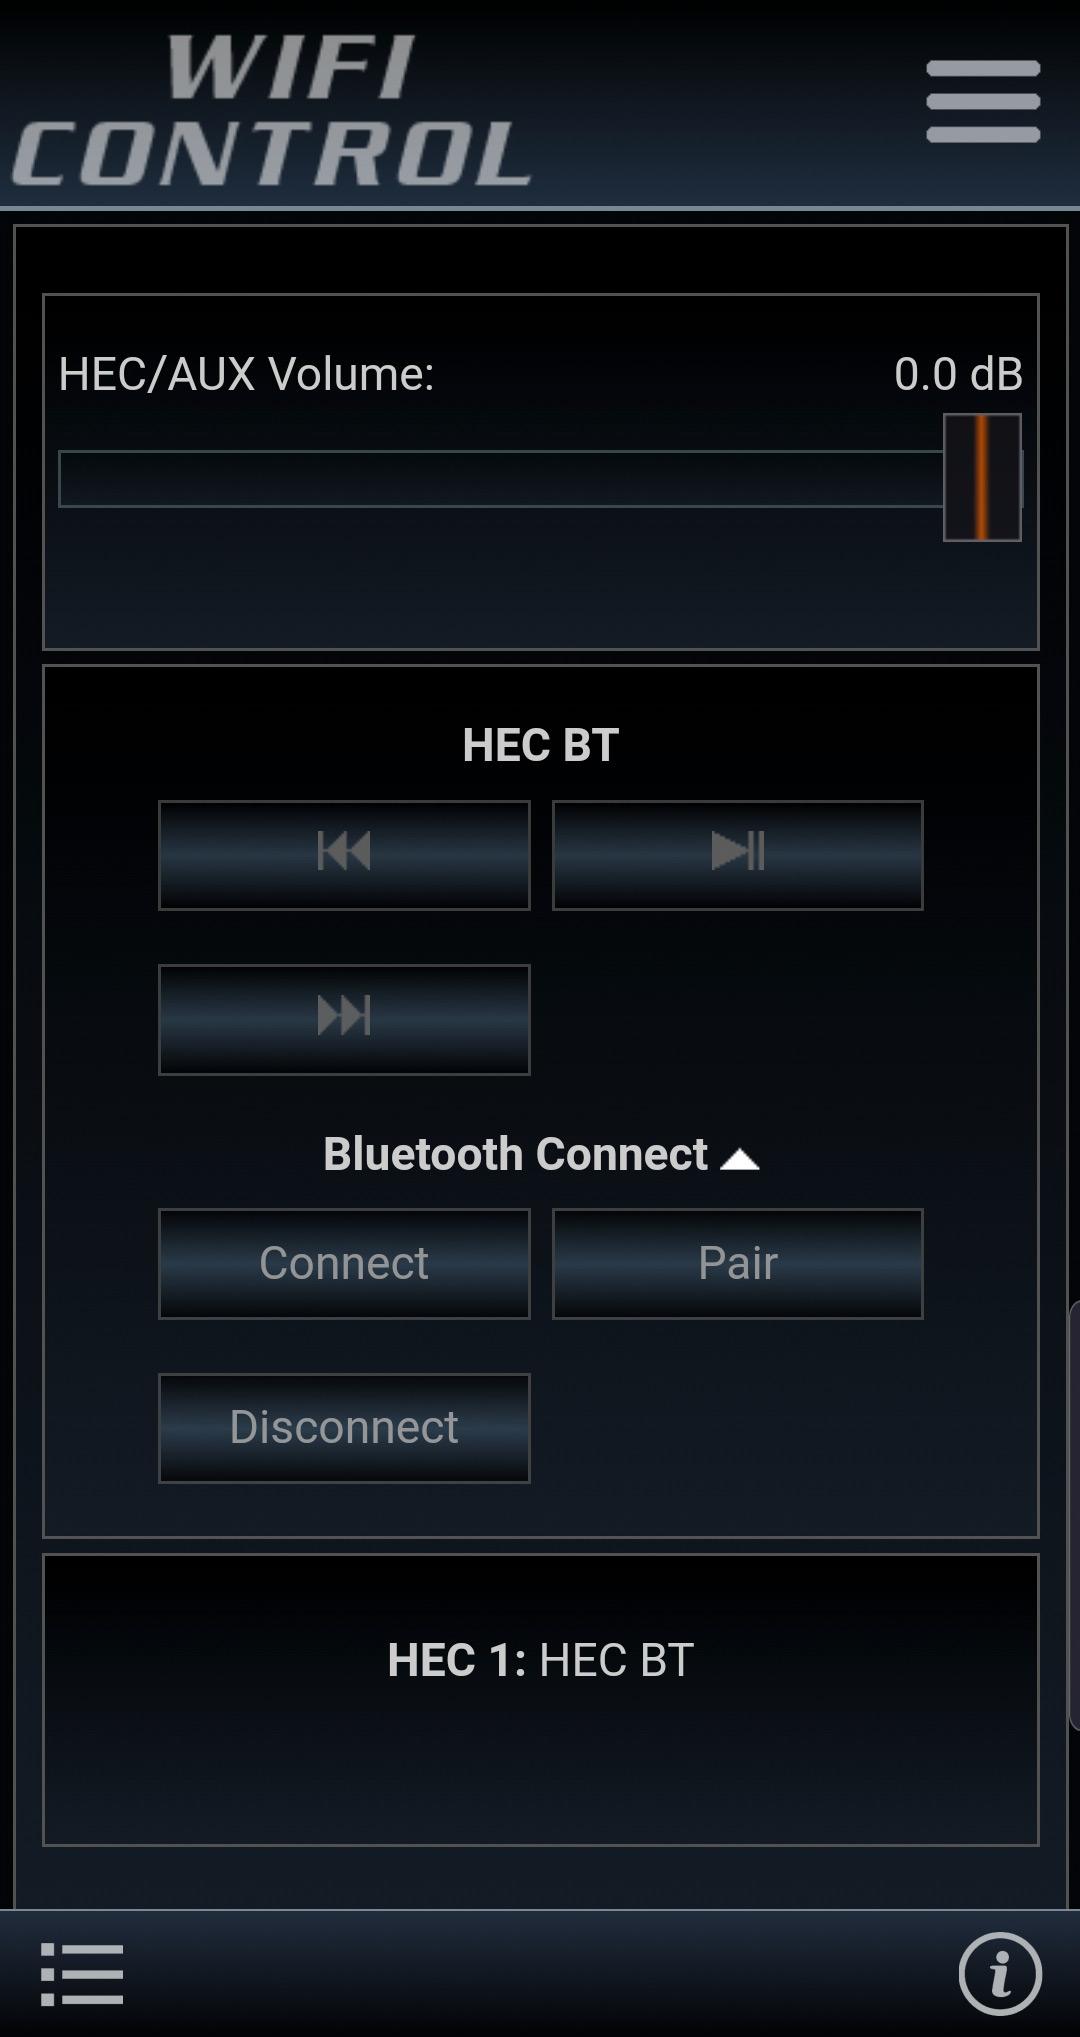 WIFI-CONTROL-Volume-Control